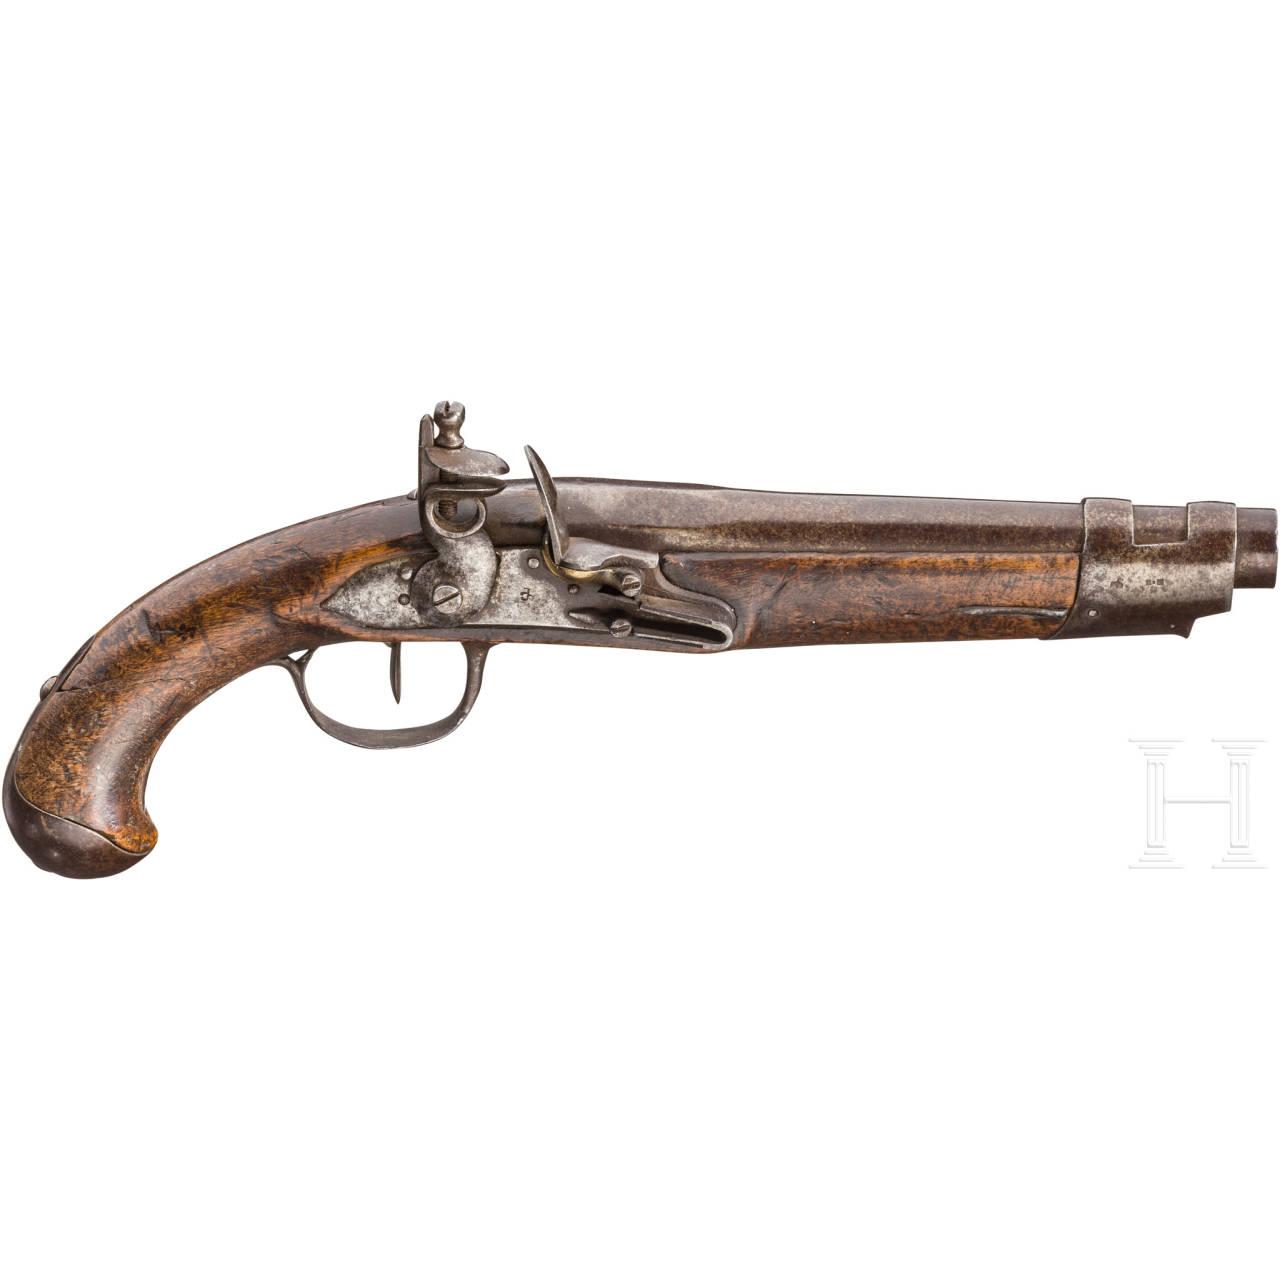 Militärische Steinschlosspistole, um 1800